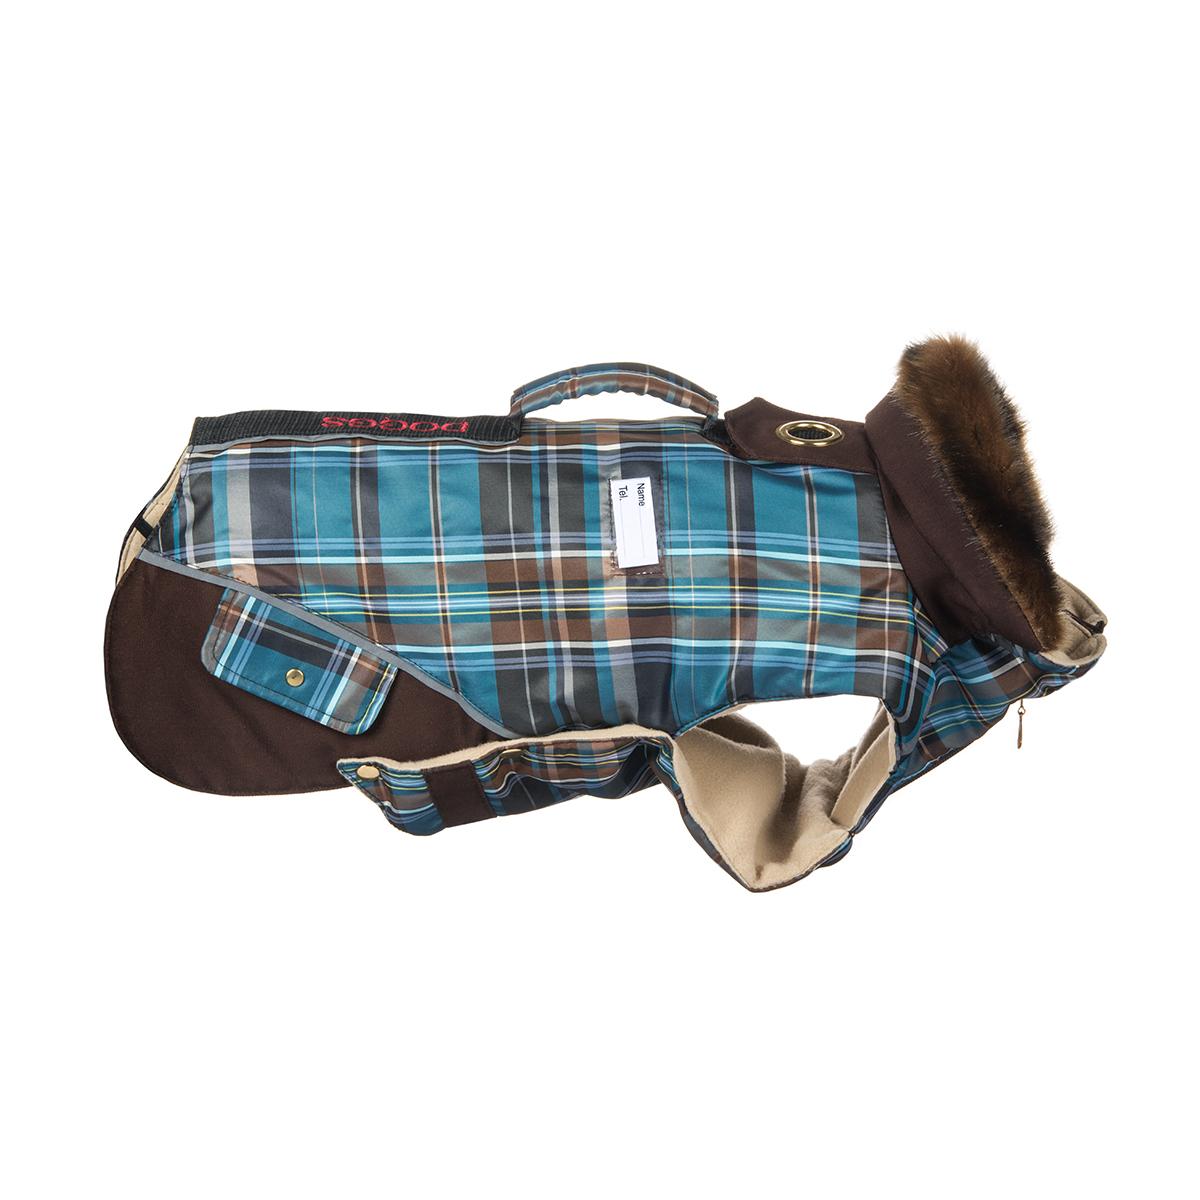 Попона для собак Dogmoda Doggs, для мальчика, цвет: синий, коричневый. Размер SDM-140544Теплая попона для собак Dogmoda Doggs отлично подойдет для прогулок в холодное время года. Попона изготовлена из водоотталкивающего полиэстера, защищающего от ветра и осадков, с утеплителем из синтепона, который сохранит тепло даже в сильные морозы, а на подкладке используется флис, который отлично сохраняет тепло и обеспечивает воздухообмен. Попона оснащена прорезями для ног и застегивается на кнопки, а высокий ворот с расширителем имеет застежку-молнию и кнопку, благодаря чему ее легко надевать и снимать. Ворот украшен искусственным мехом. На животе попона затягивается на шнурок-кулиску с зажимом. Спинка декорирована вышитой надписью Doggs, оснащена светоотражающими элементами и ручкой. Модель снабжена непромокаемым карманом для размещения записки с информацией о вашем питомце, на случай если он потеряется. Благодаря такой попоне питомцу будет тепло и комфортно в любое время года. Попона подходит для собак следующих пород: - вестхайленд...